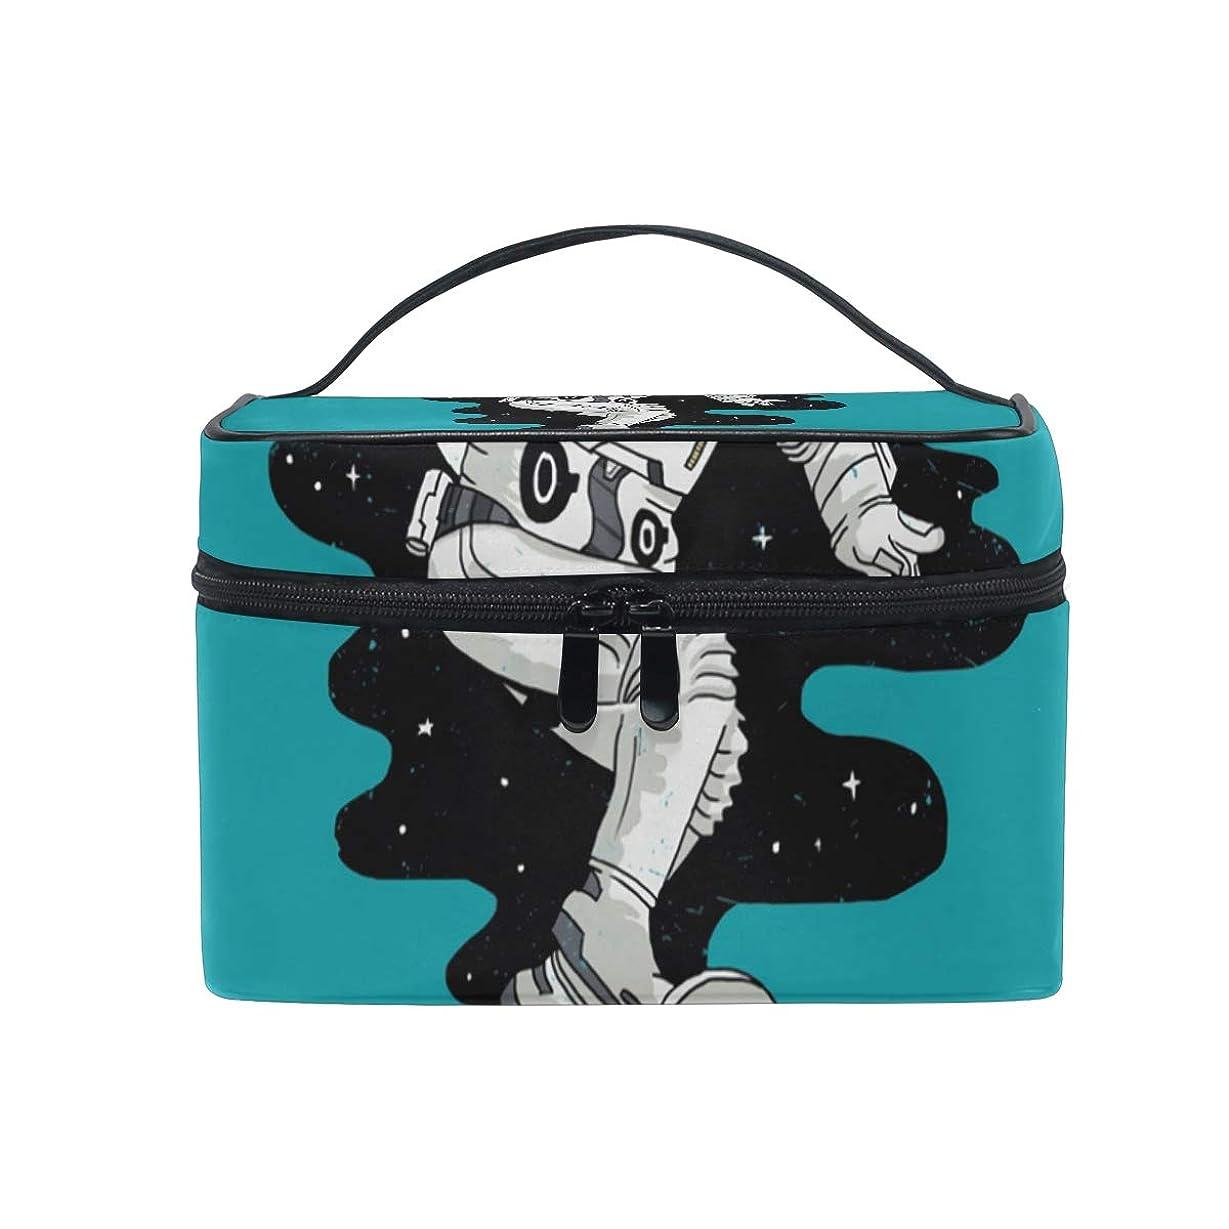 マイルストーンペンス創始者メイクボックス スペーススケートボード柄 化粧ポーチ 化粧品 化粧道具 小物入れ メイクブラシバッグ 大容量 旅行用 収納ケース